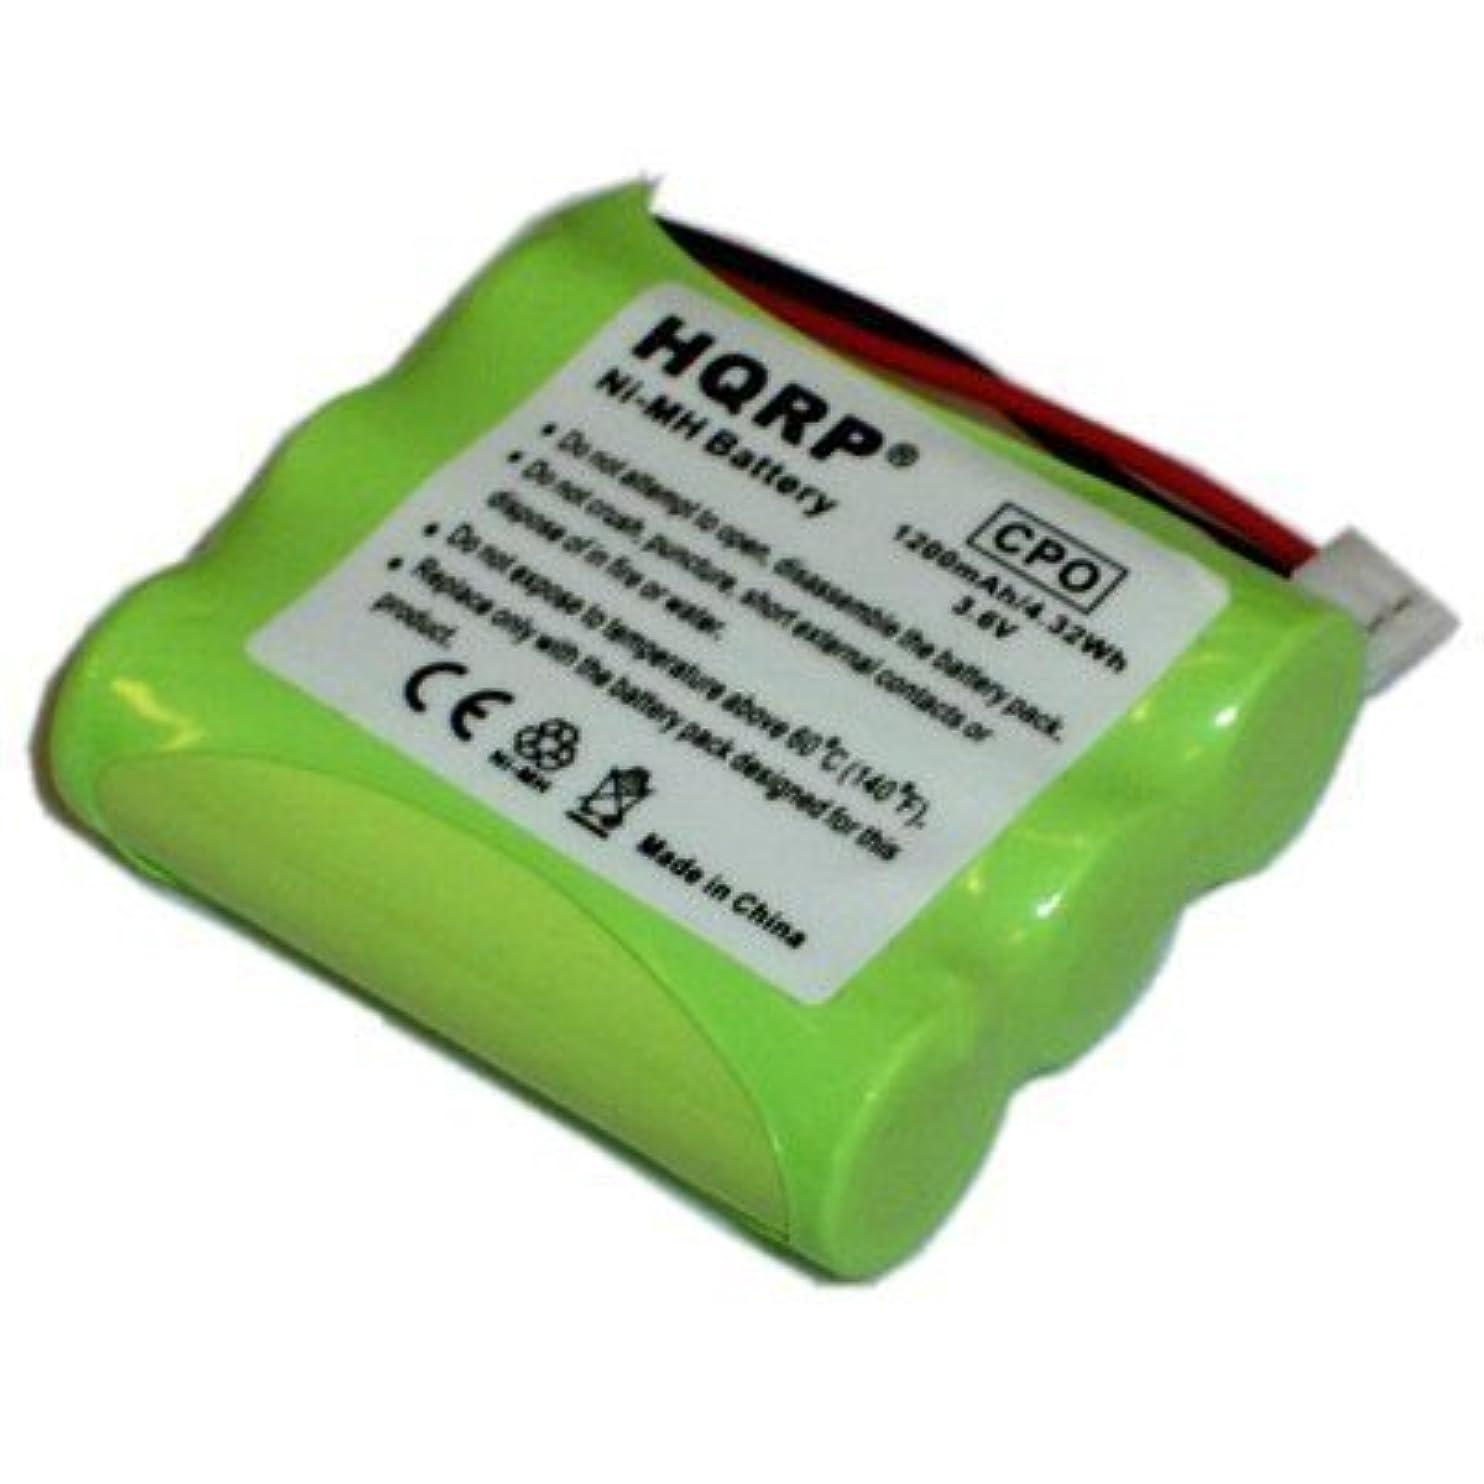 追い出すハウジングバットHQRP 充電池、Motorola MA300, MA350, MA355, MA357 コードレス電話機種通用と互換性のある